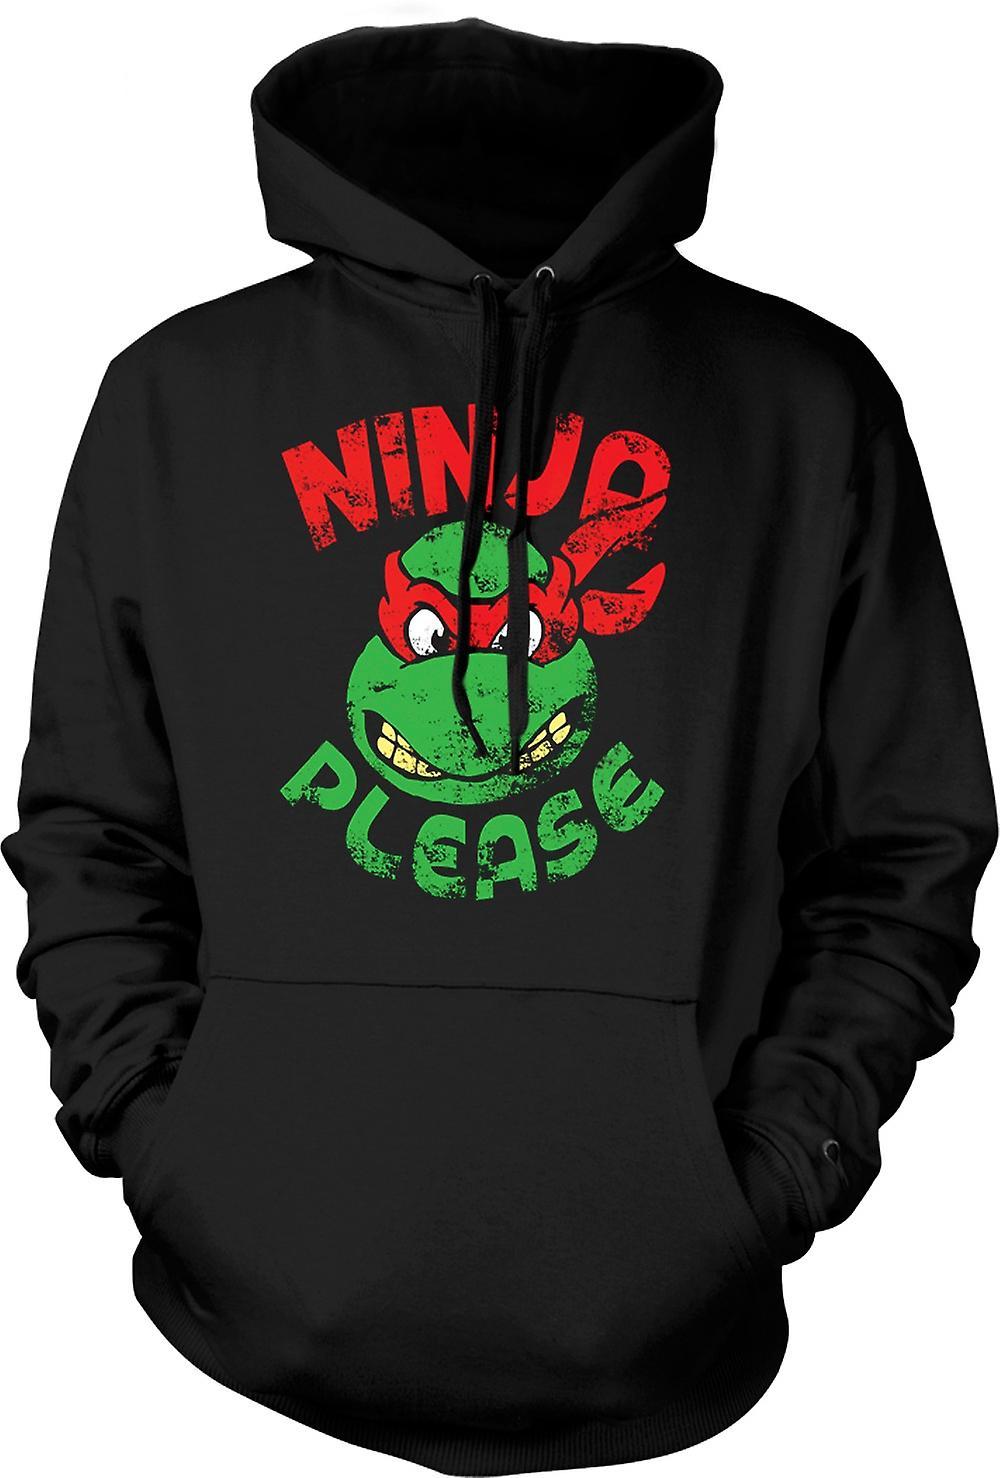 Mens Hoodie - Ninja Please - Raphael